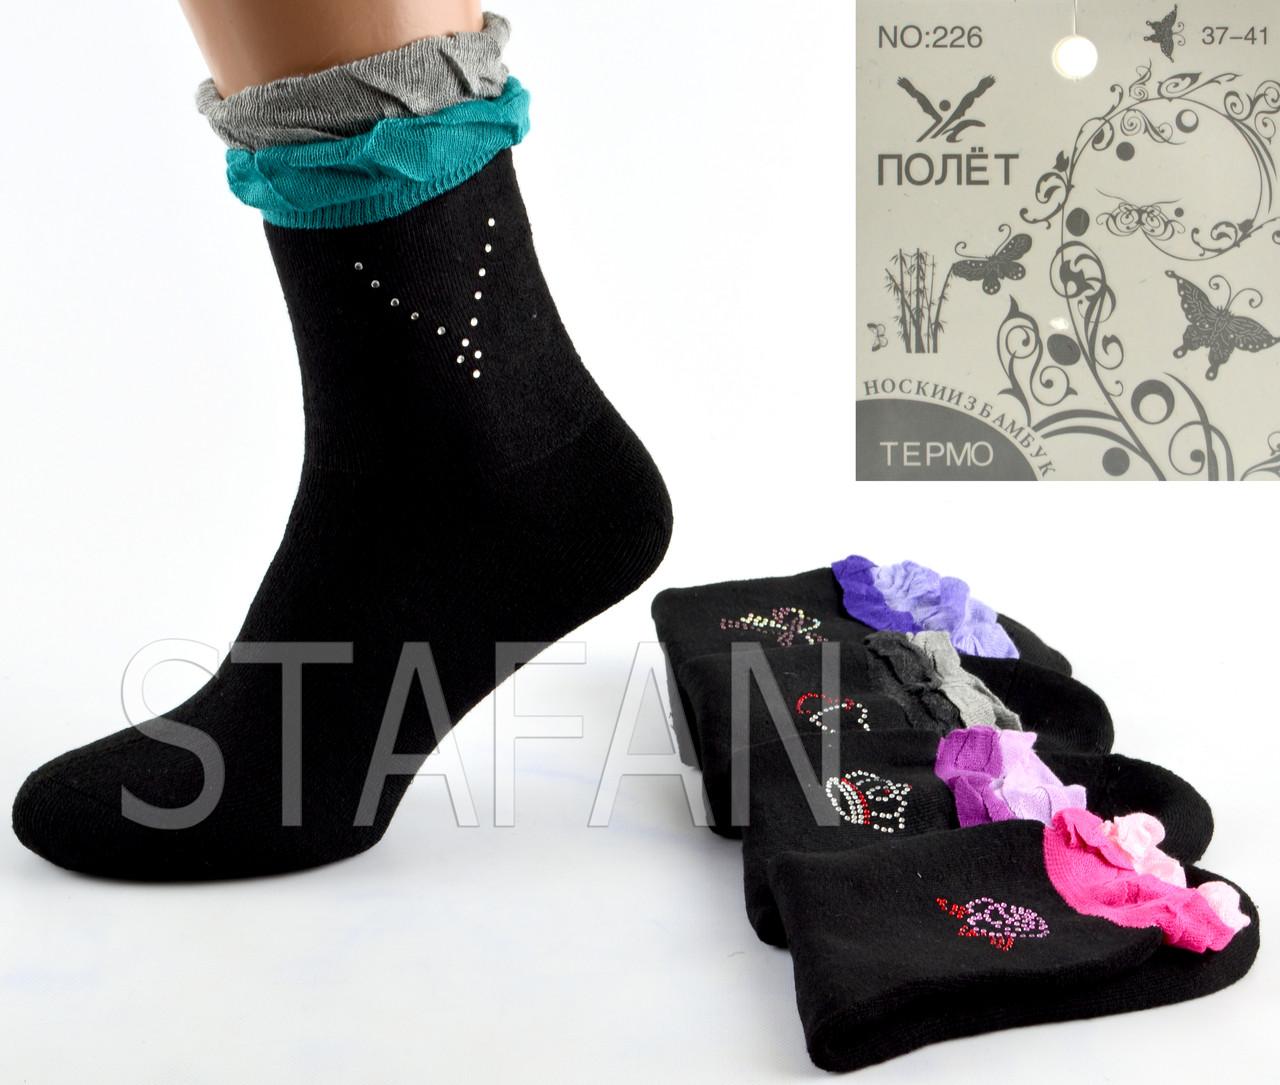 Женские махровые носочки Polet B226 Z. В упаковке 12 пар